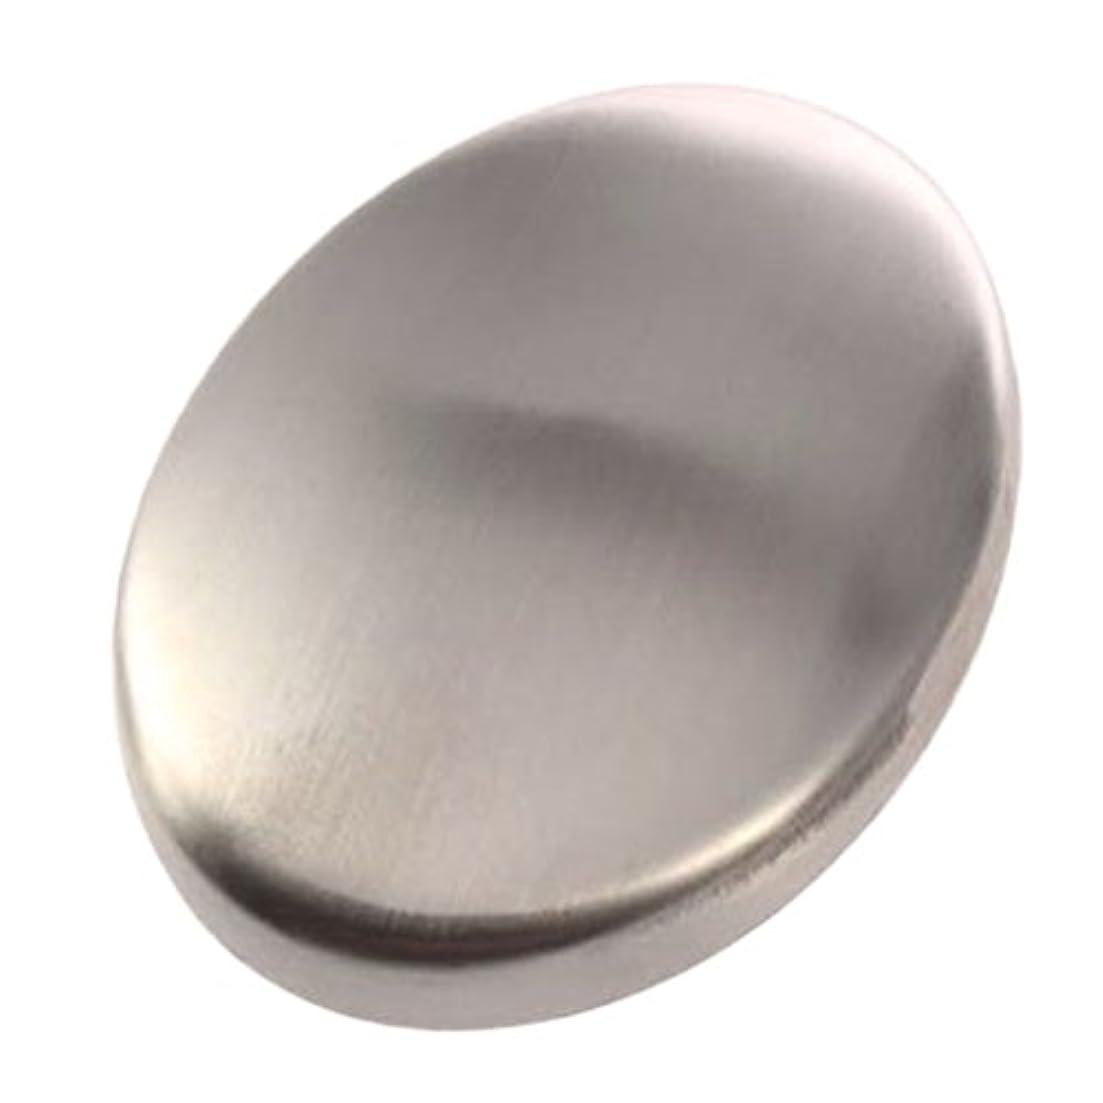 実質的敬の念ファーザーファージュZafina ステンレスソープ 円形 においとりソープ 臭い取り ステンレス石鹸